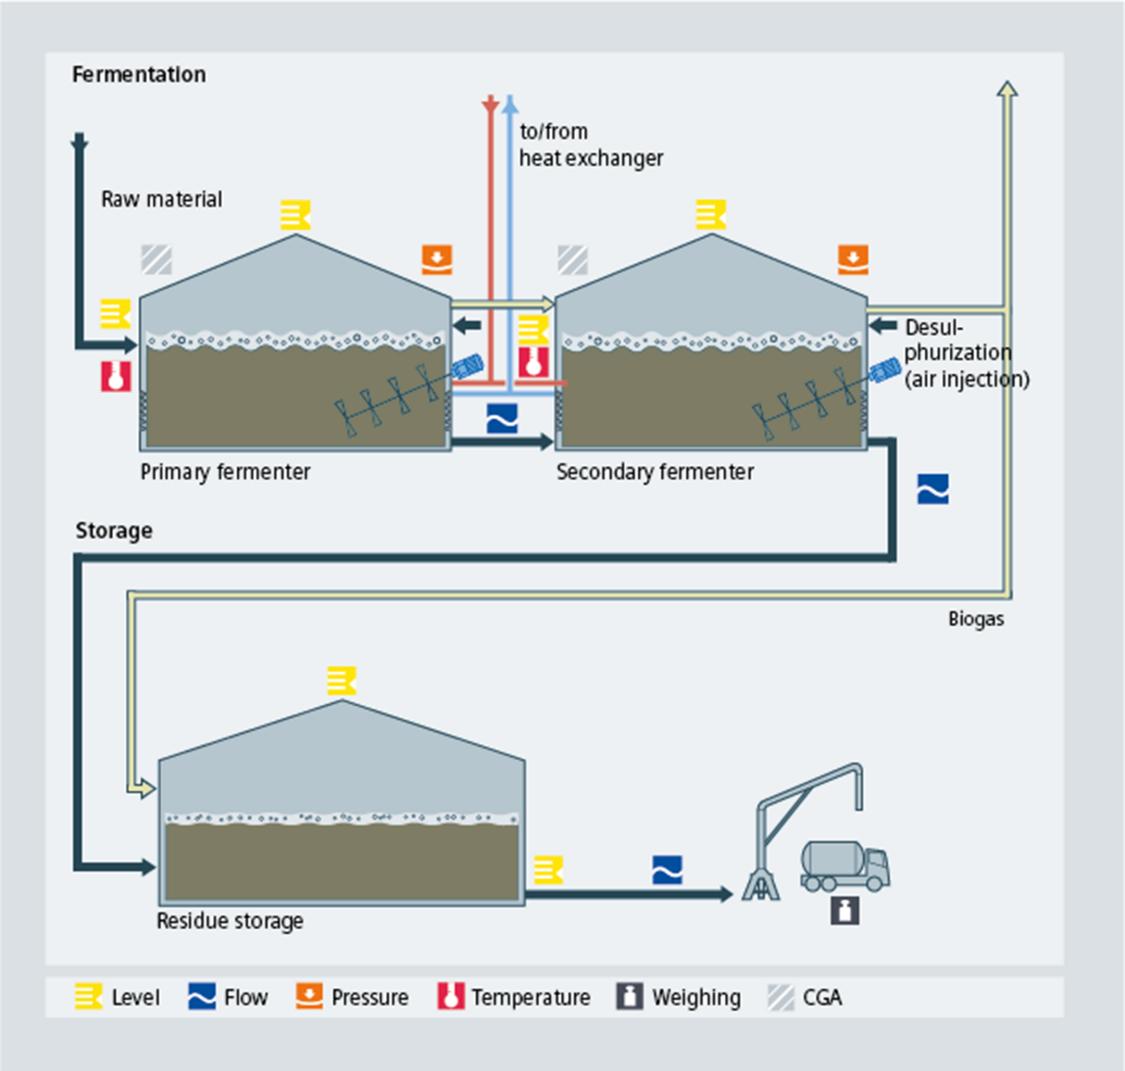 Biogas fermentation and storage process diagram - USA